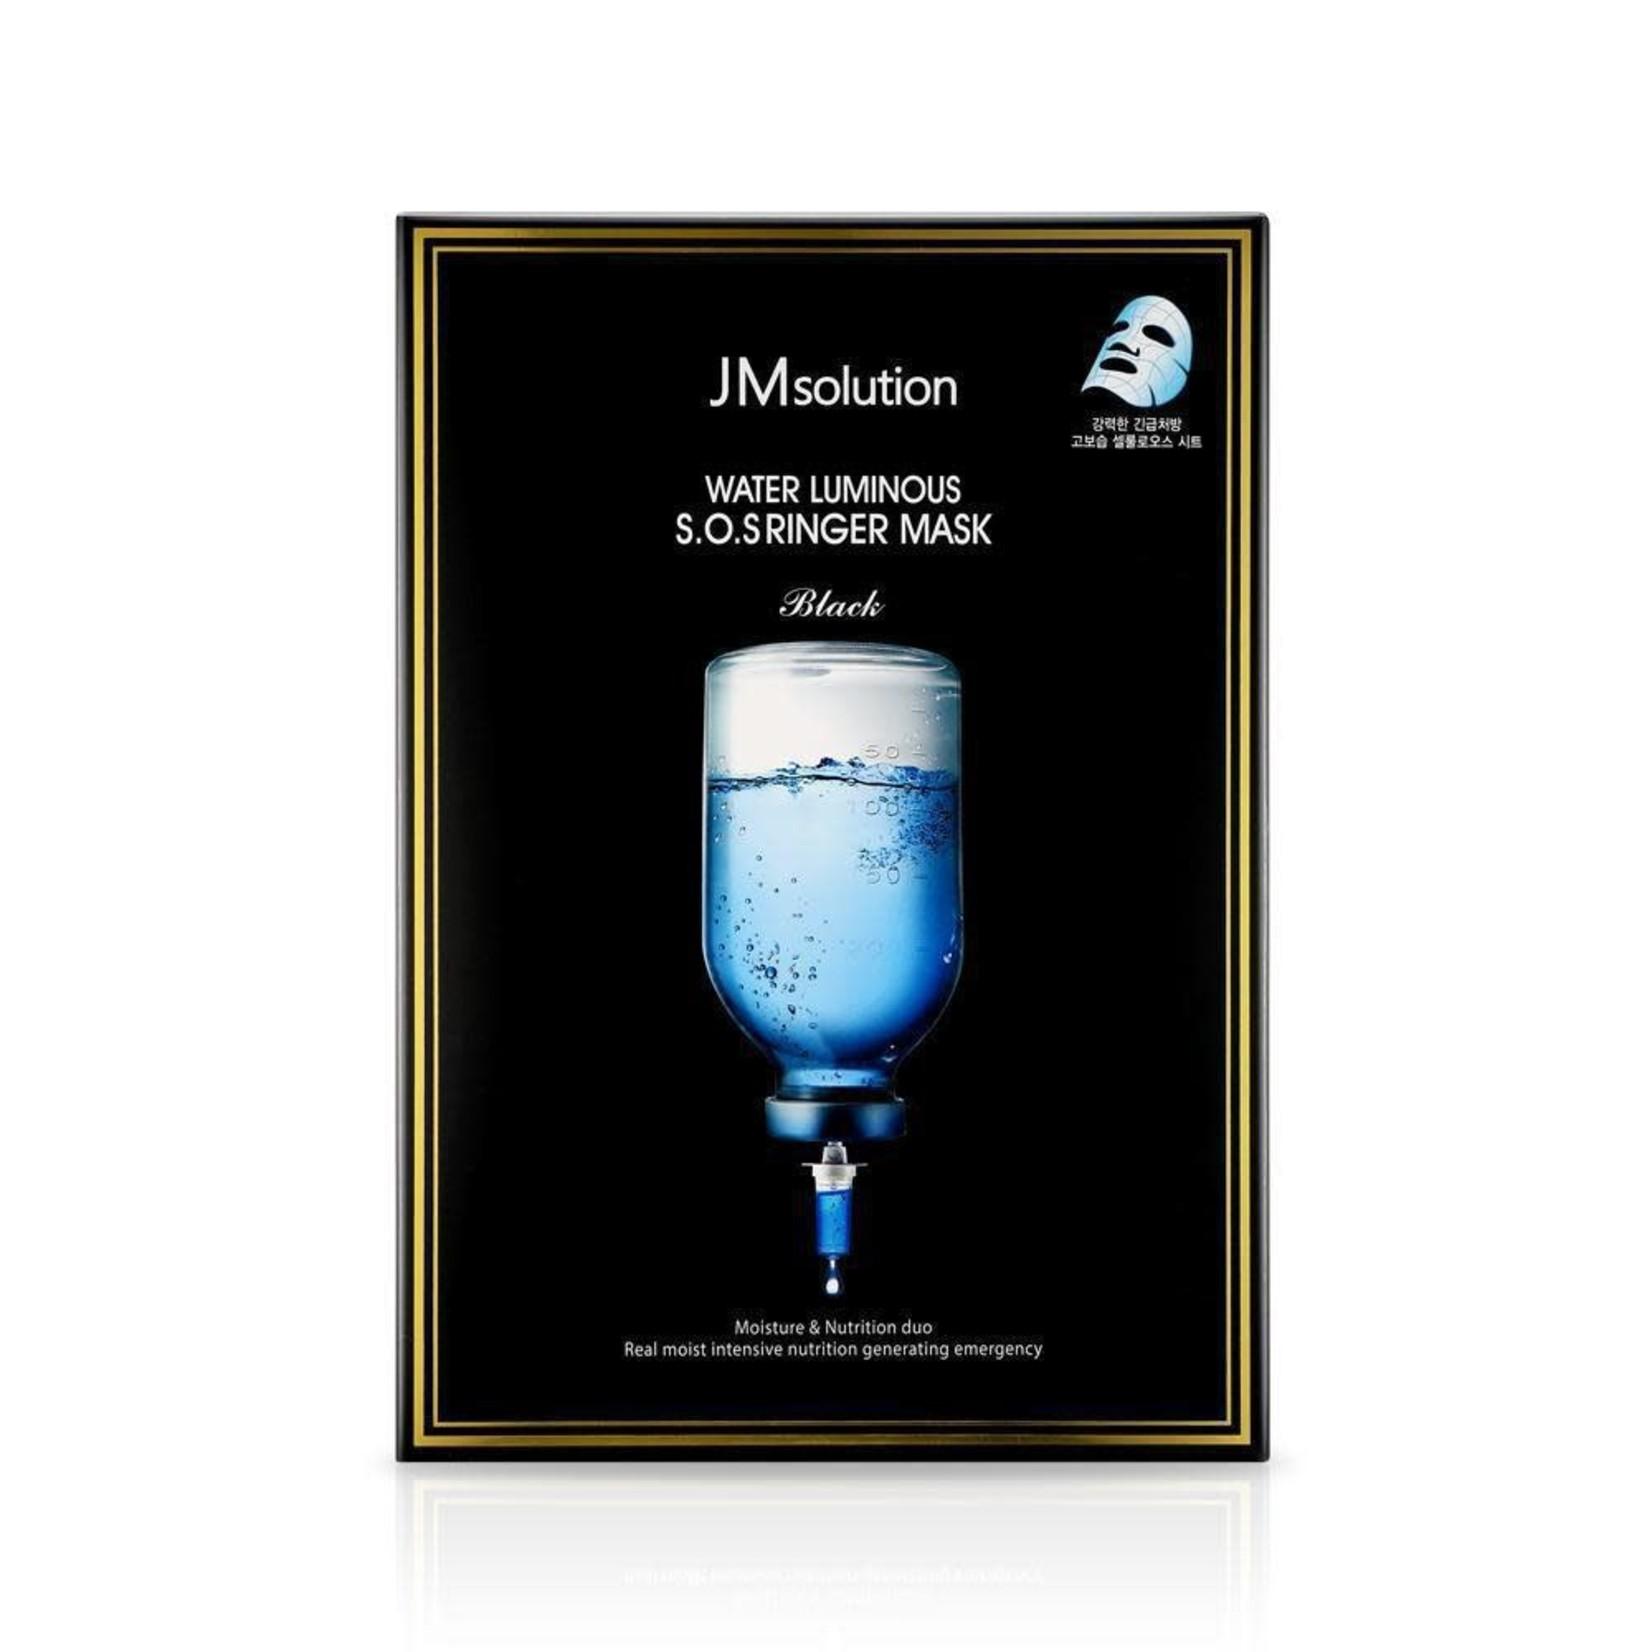 JM Solution JM Solution Water Luminous S.O.S Ringer Mask